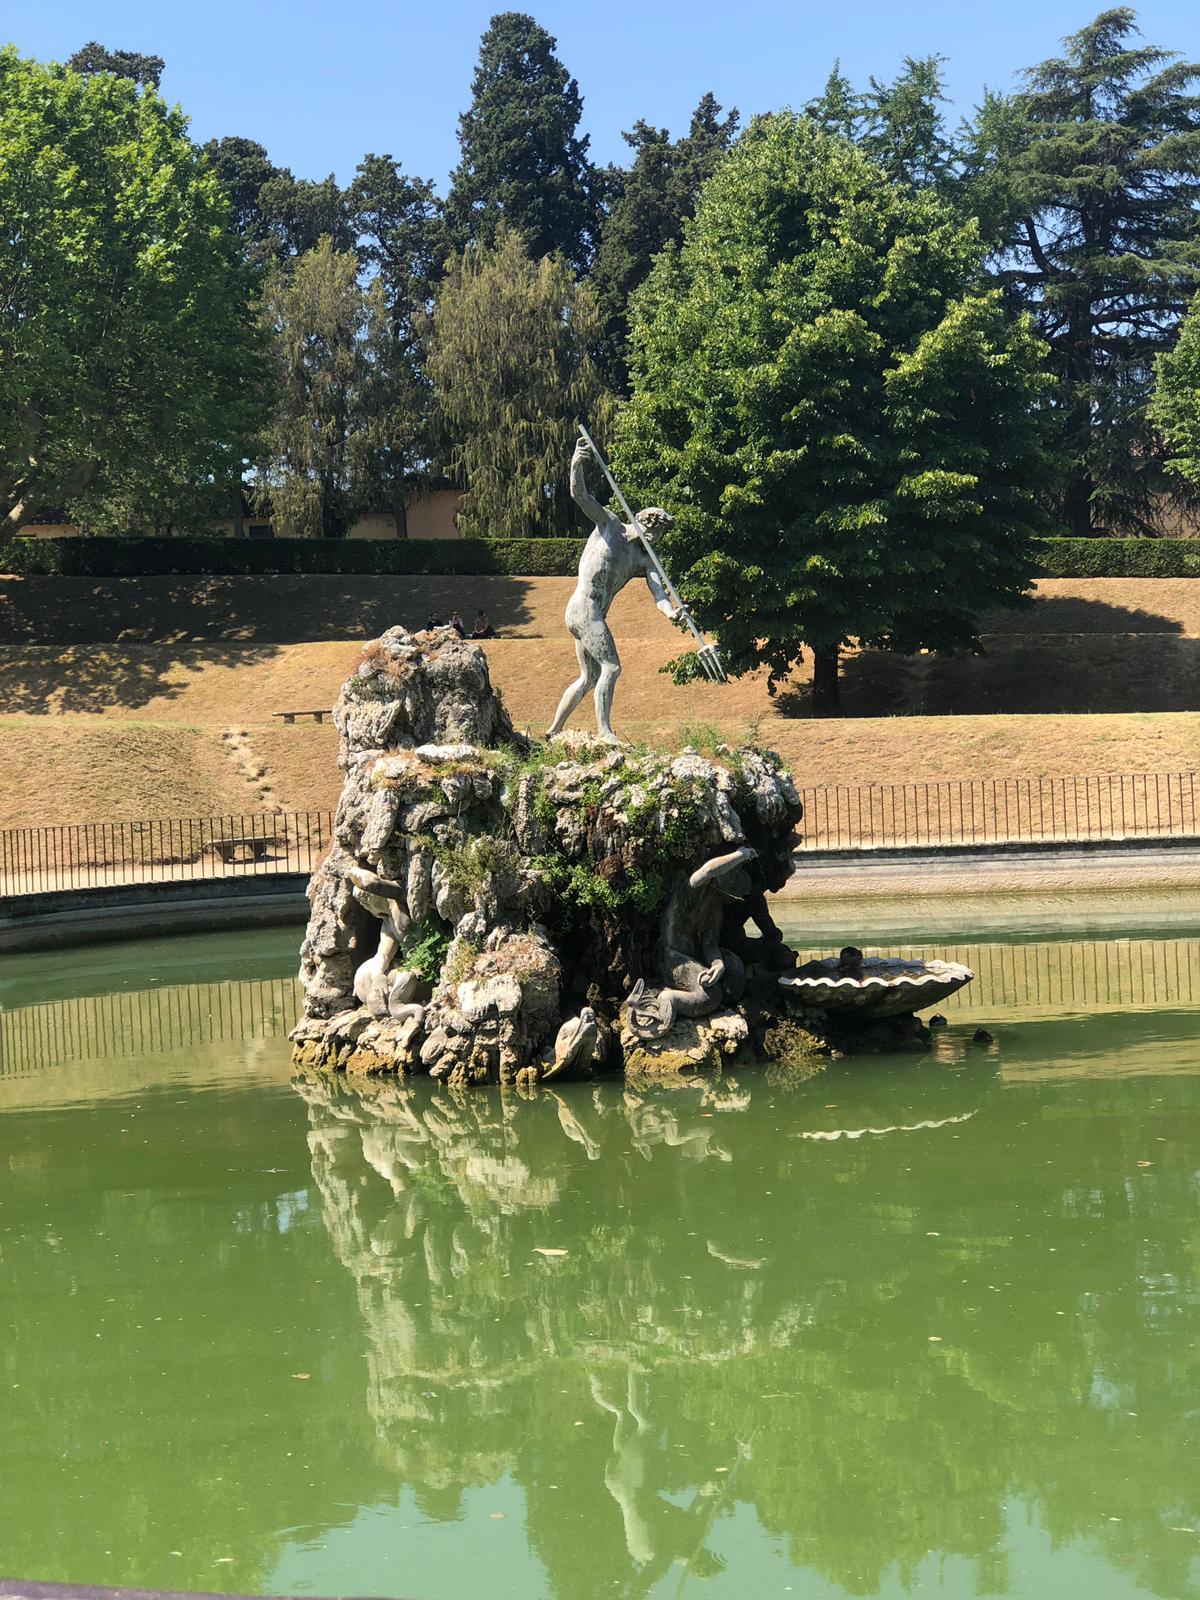 Neptune in the Boboli Gardens